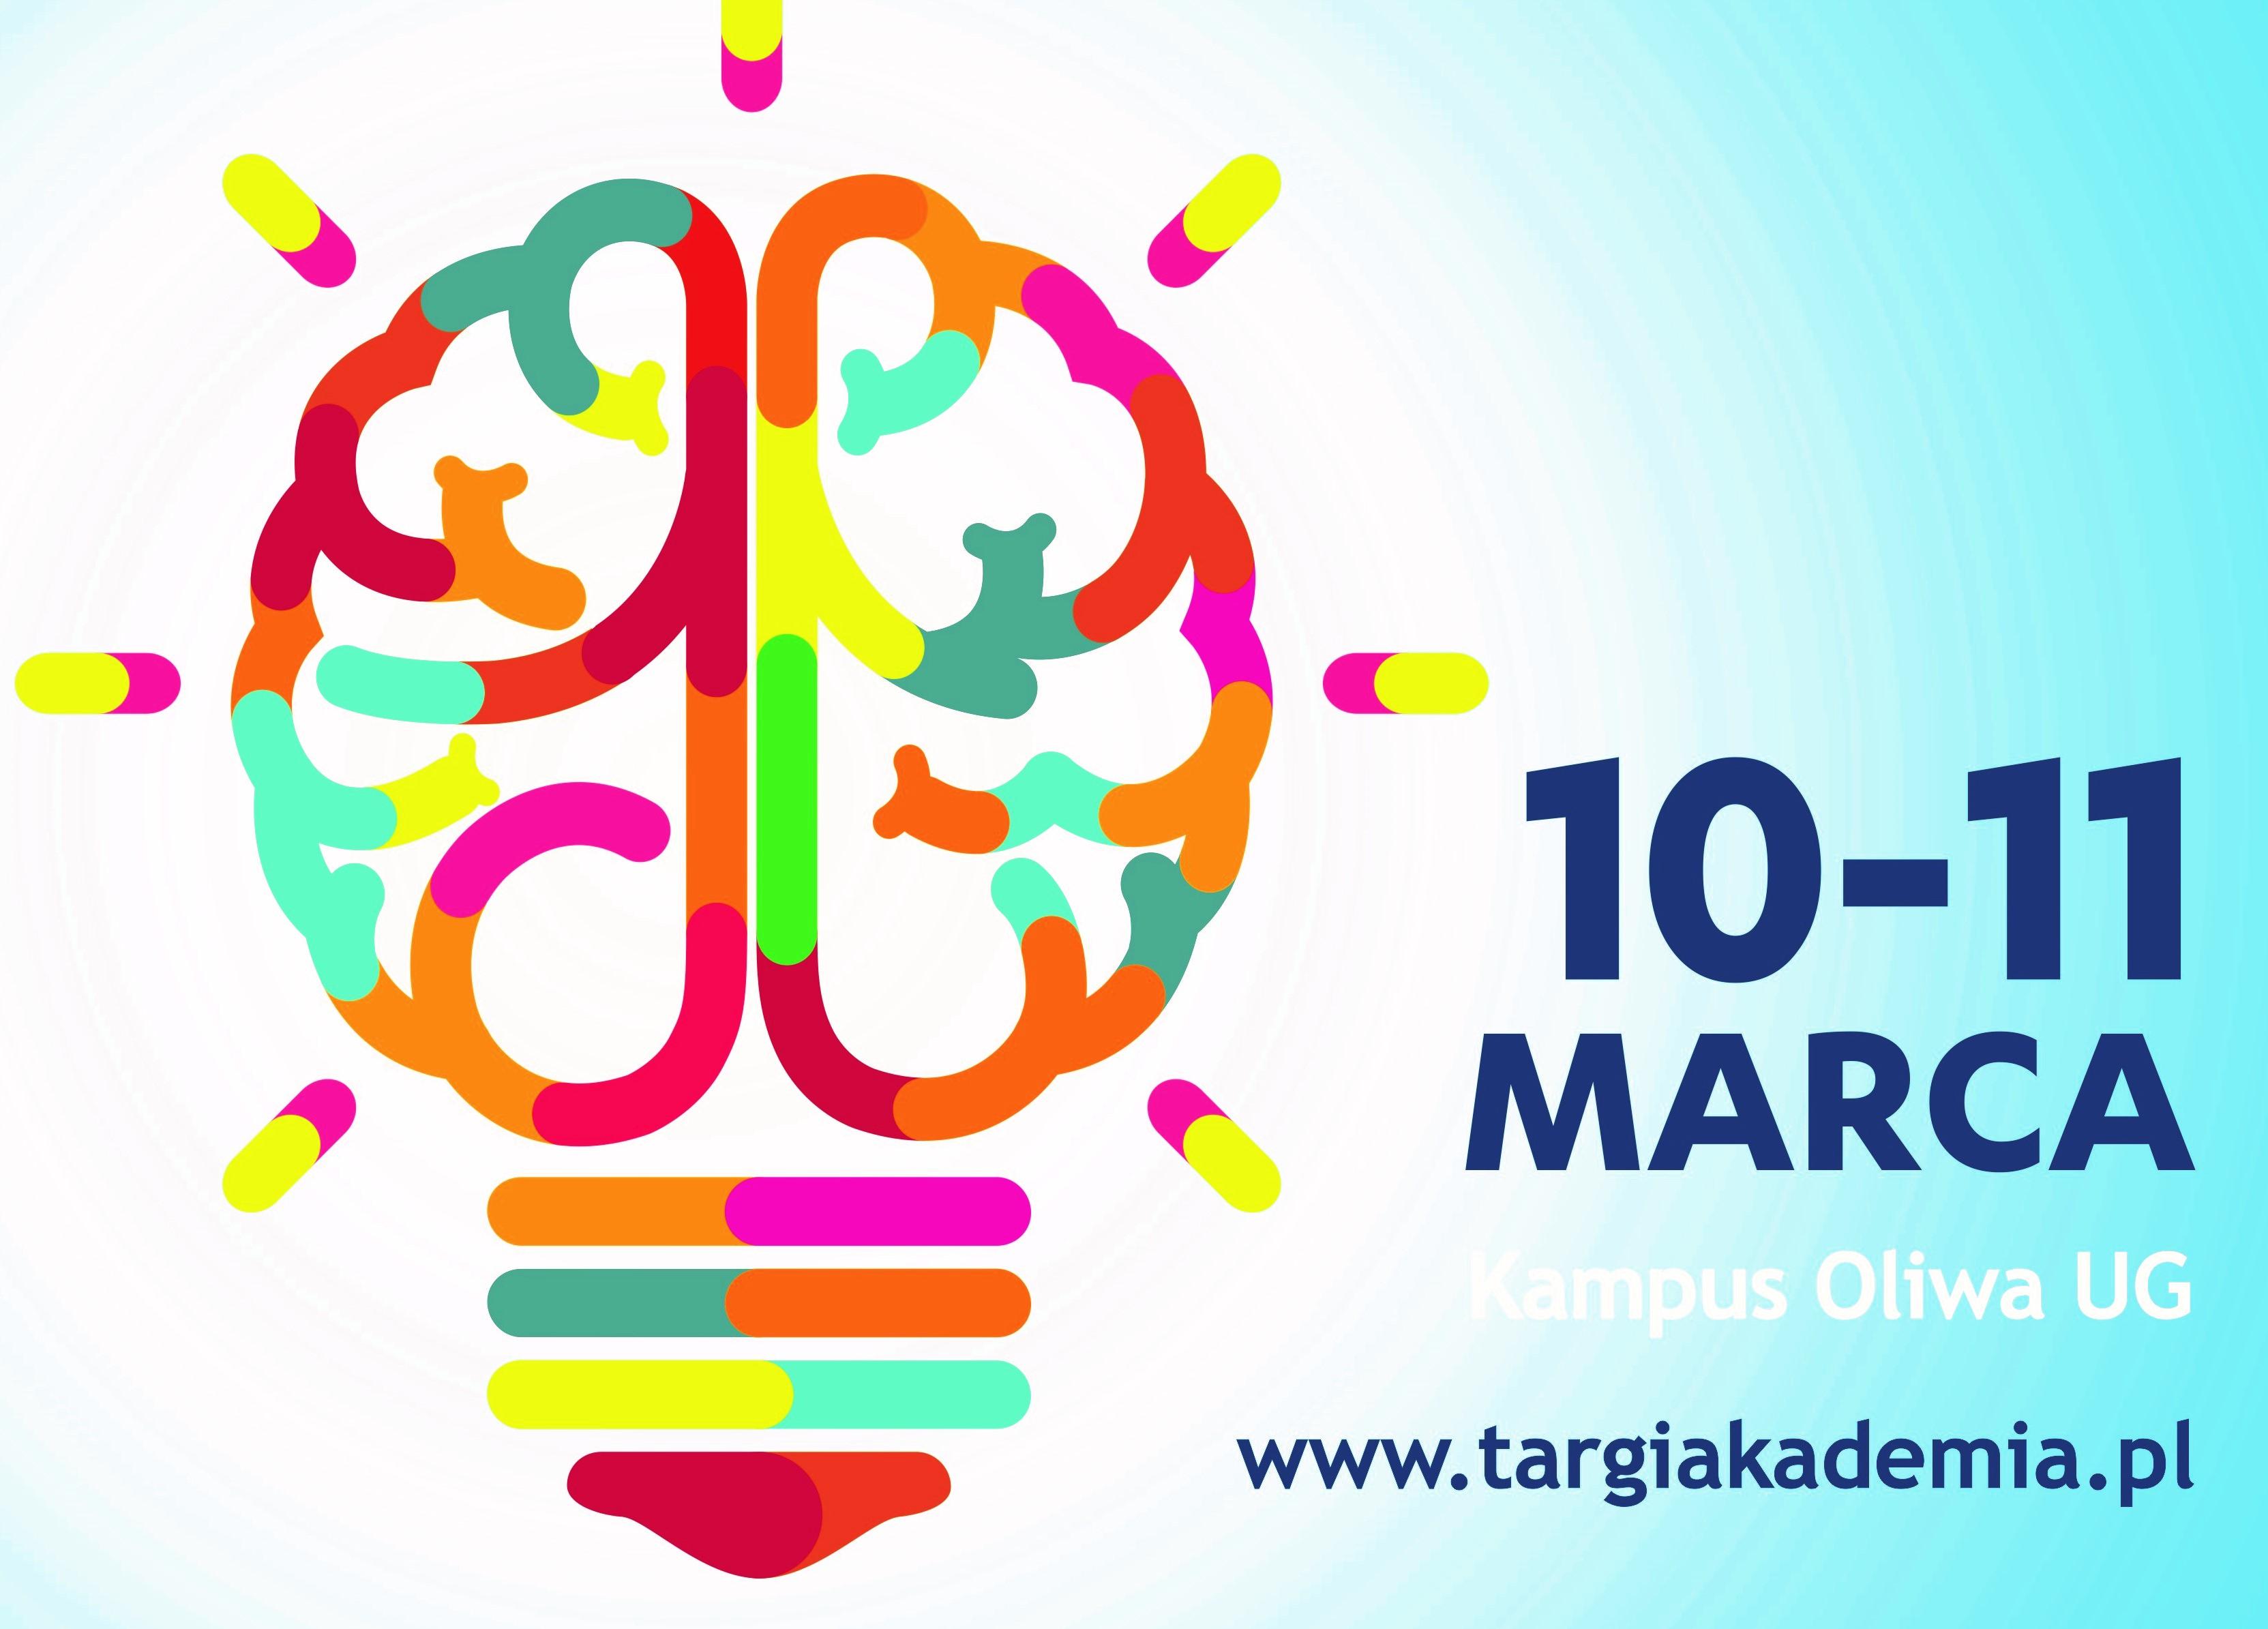 Targi AKADEMIA 2020 i Dni Otwarte Uniwersytetu Gdańskiego